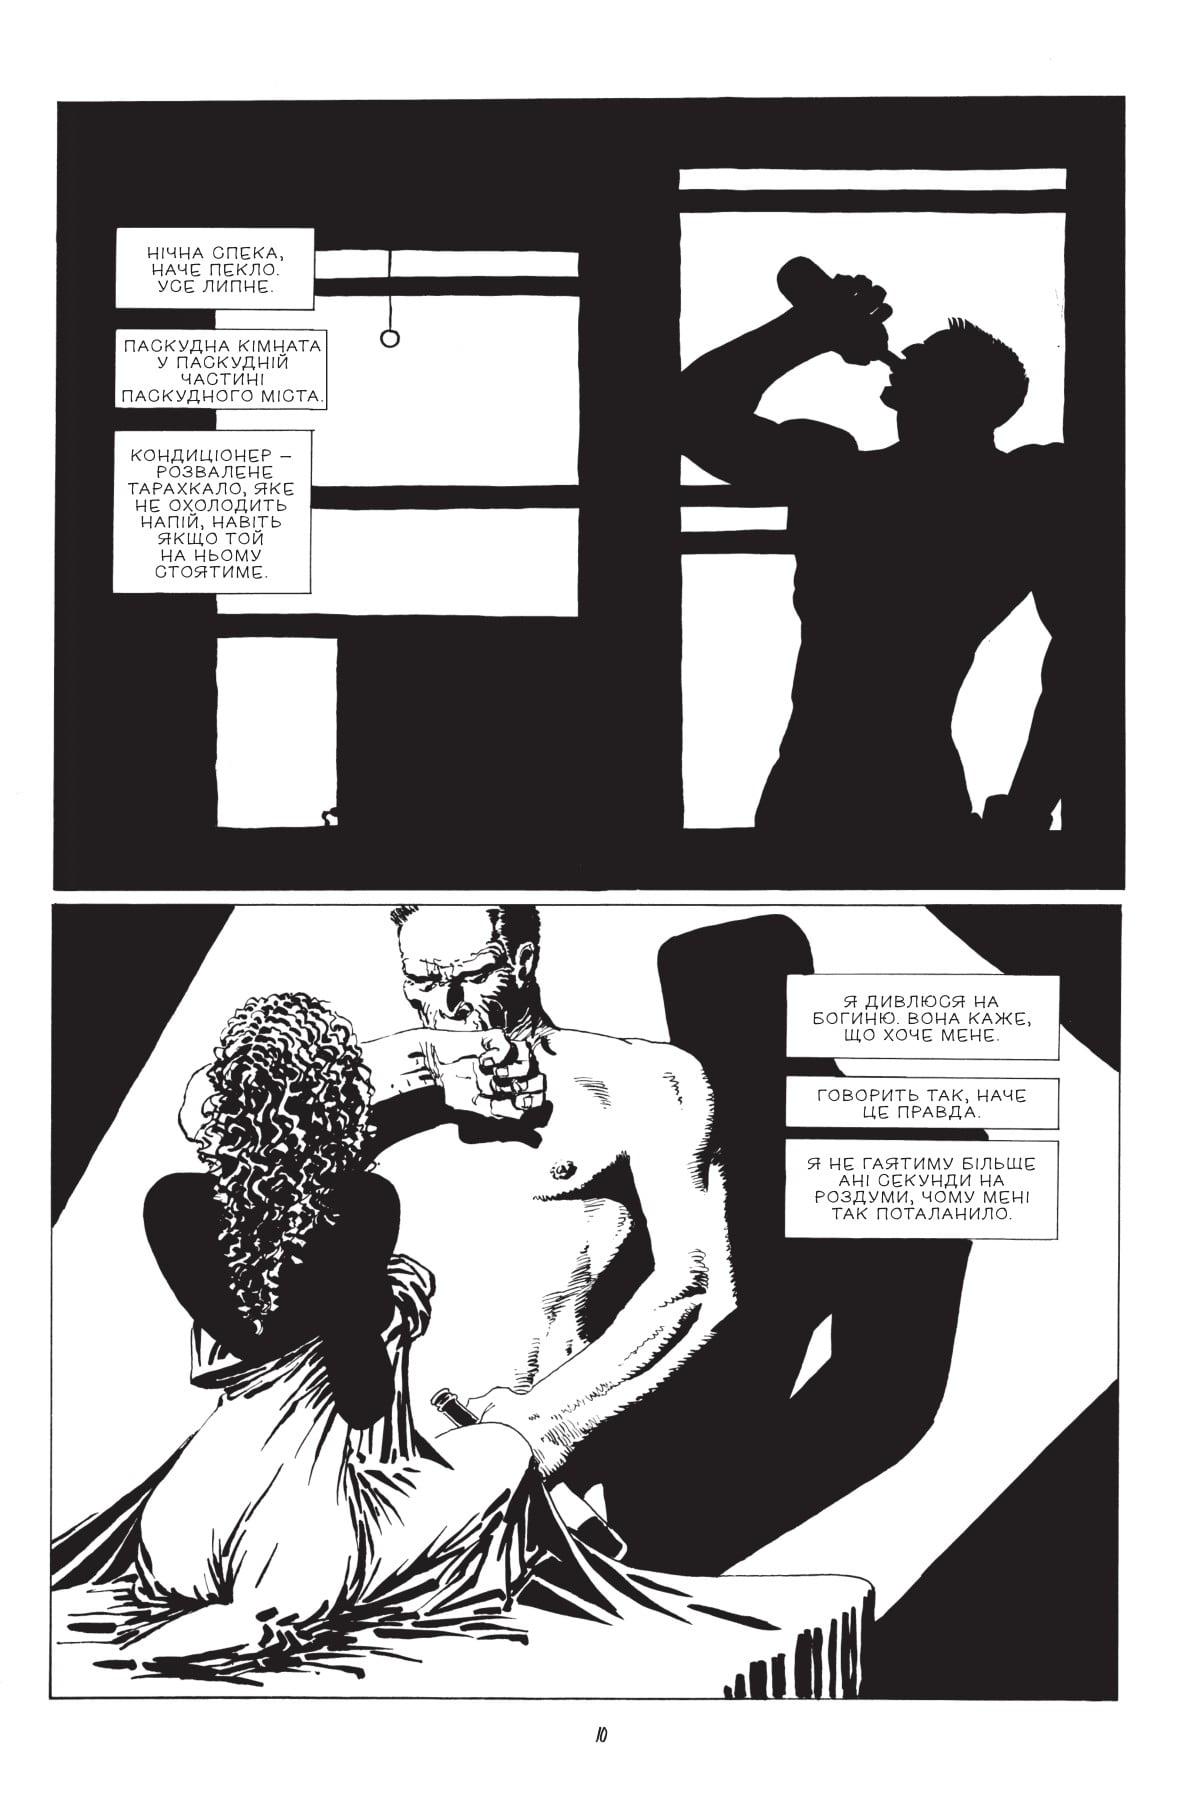 «Місто гріхів», видавництво Mal'opus